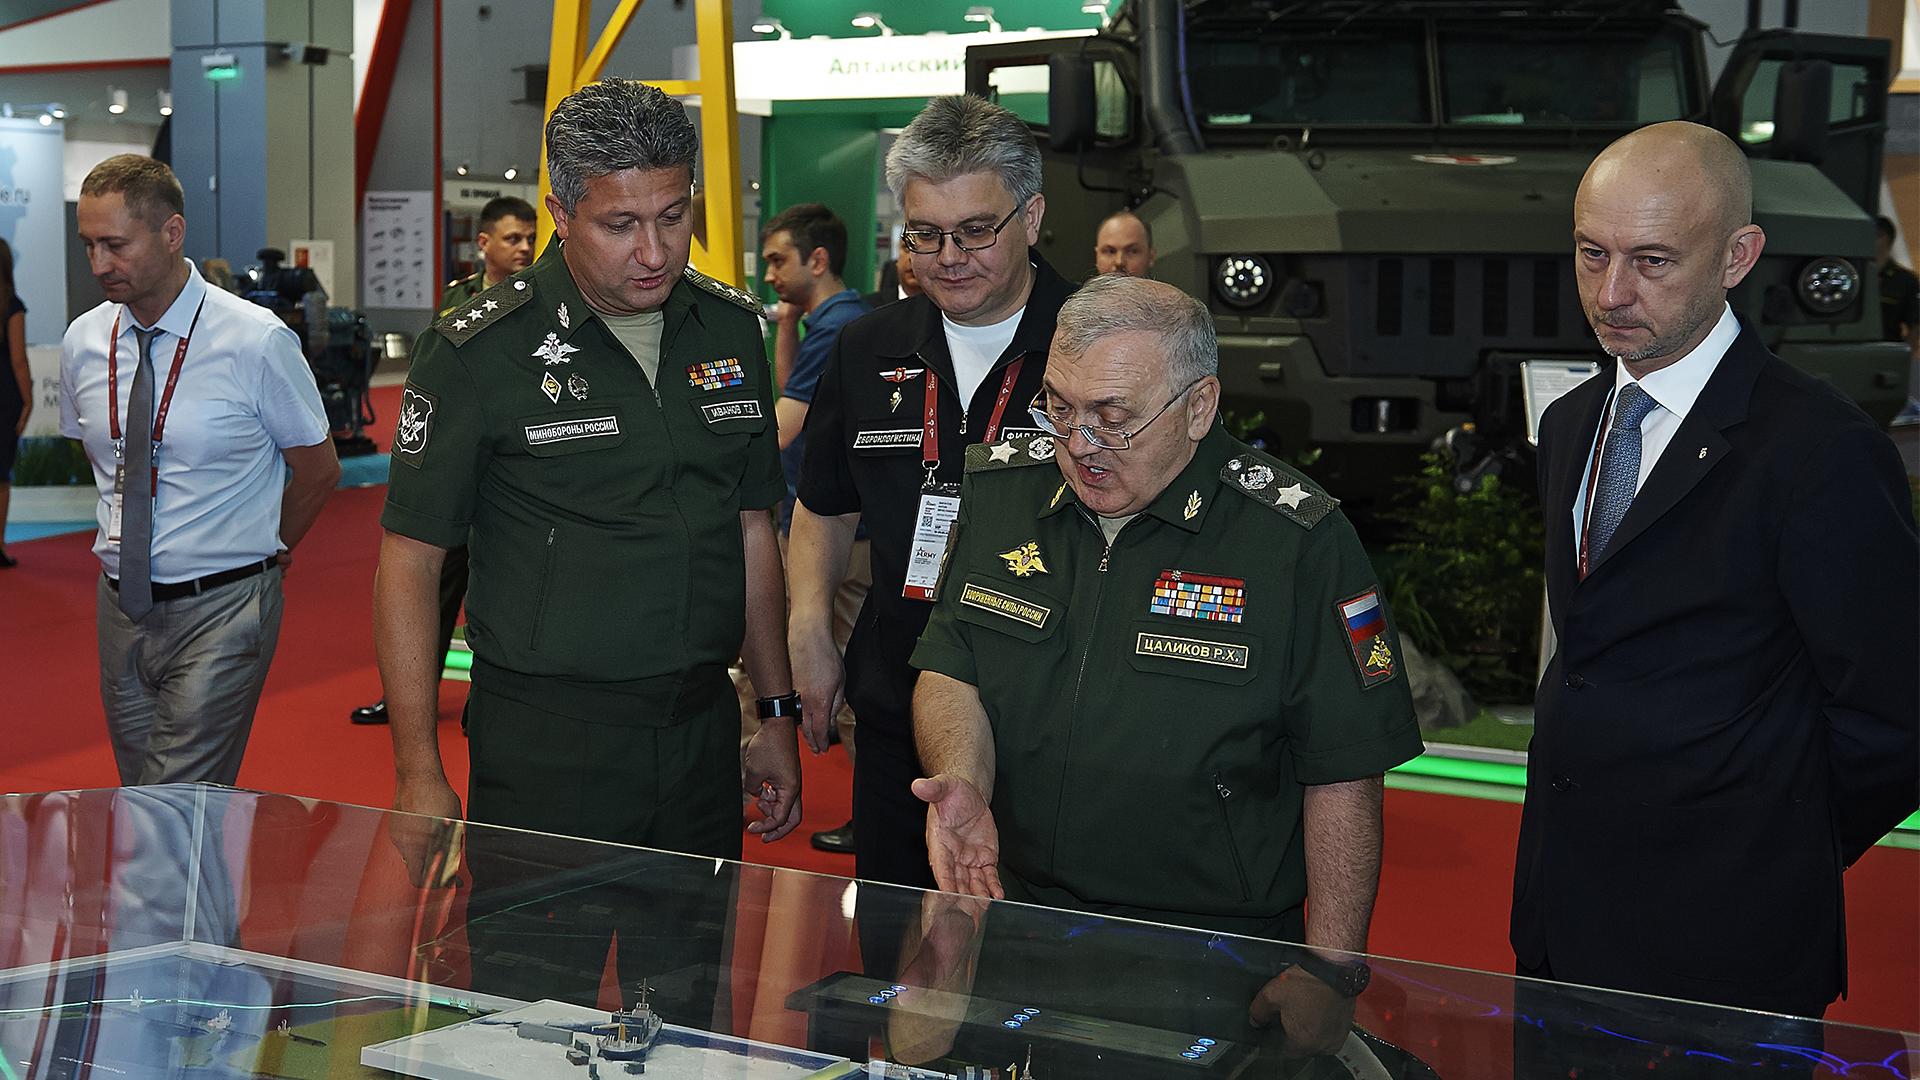 Единую экспозицию на консилиуме «Армия 2018» представили военные различных направлений